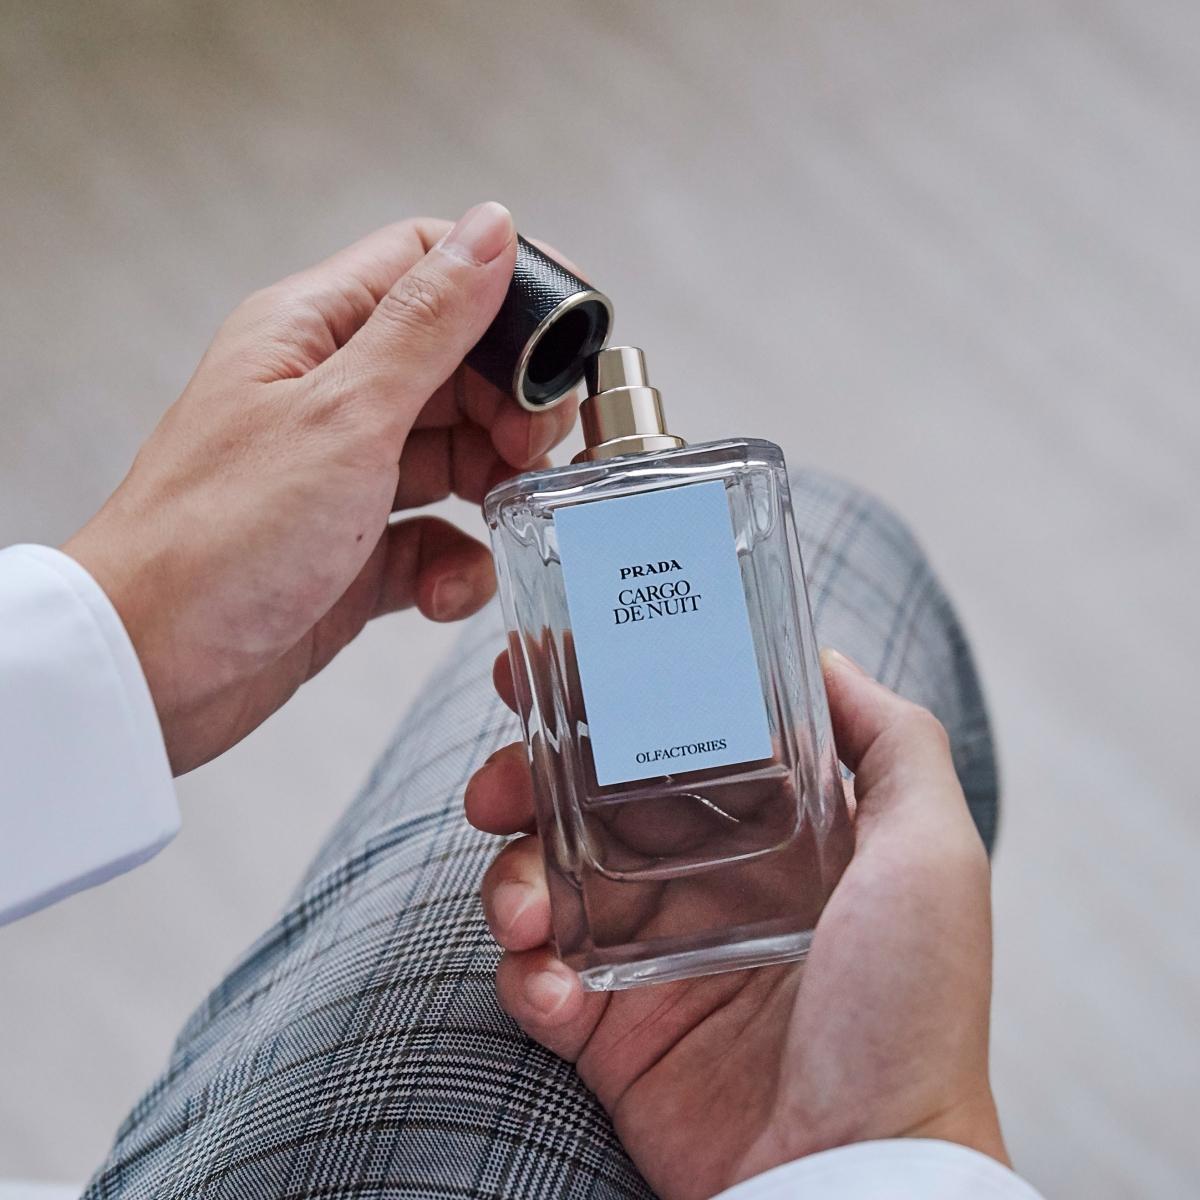 破萬價位的 Prada Olfactories 系列香水,並非十款都值得珍藏